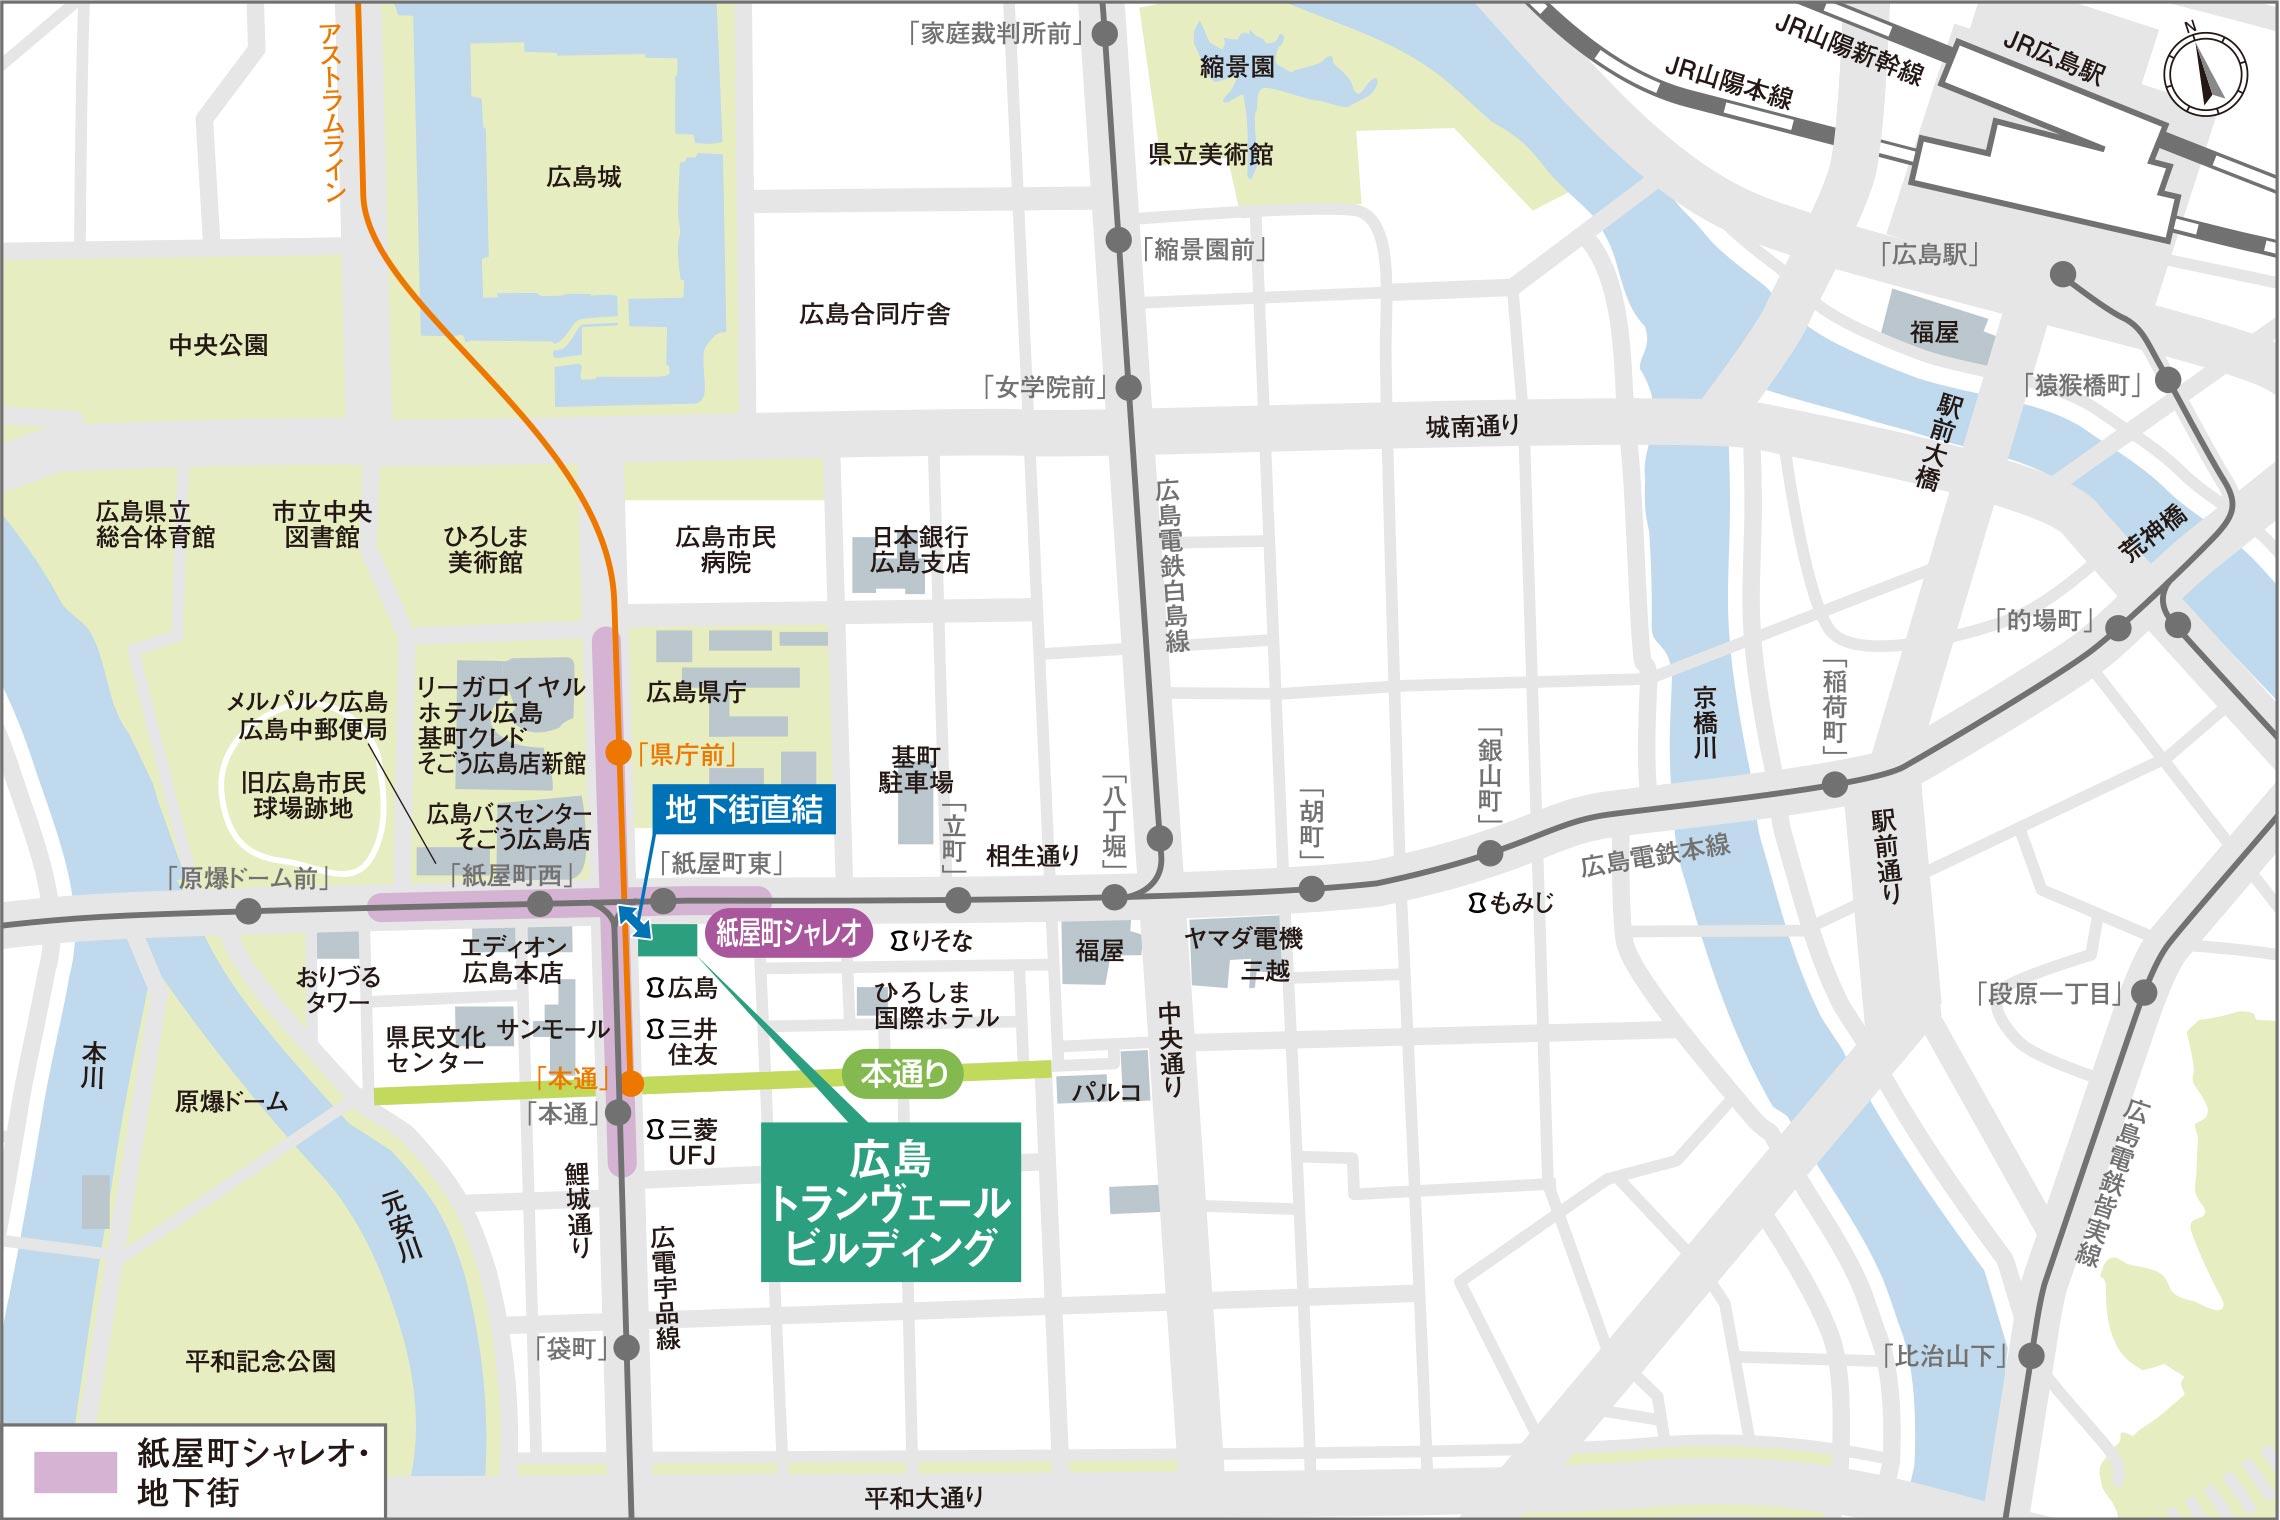 広島トランヴェールビルディング周辺地図